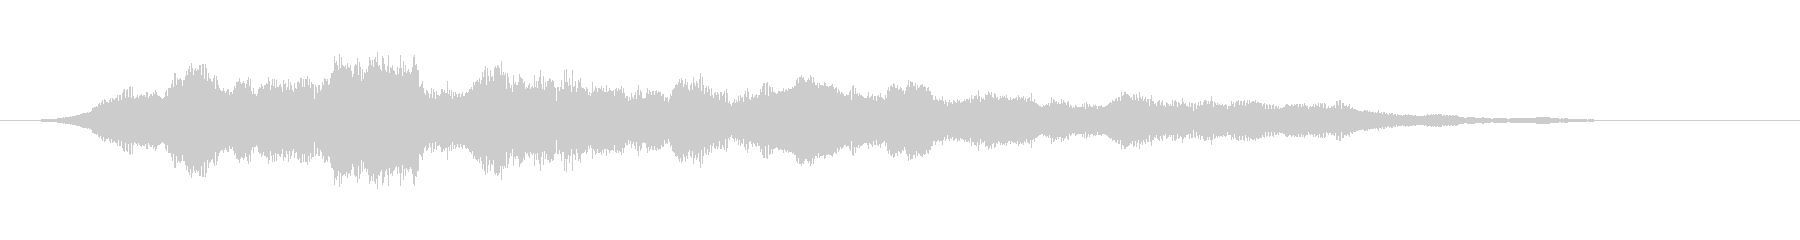 ホラーな低音 緊迫感や恐怖を描く音の未再生の波形